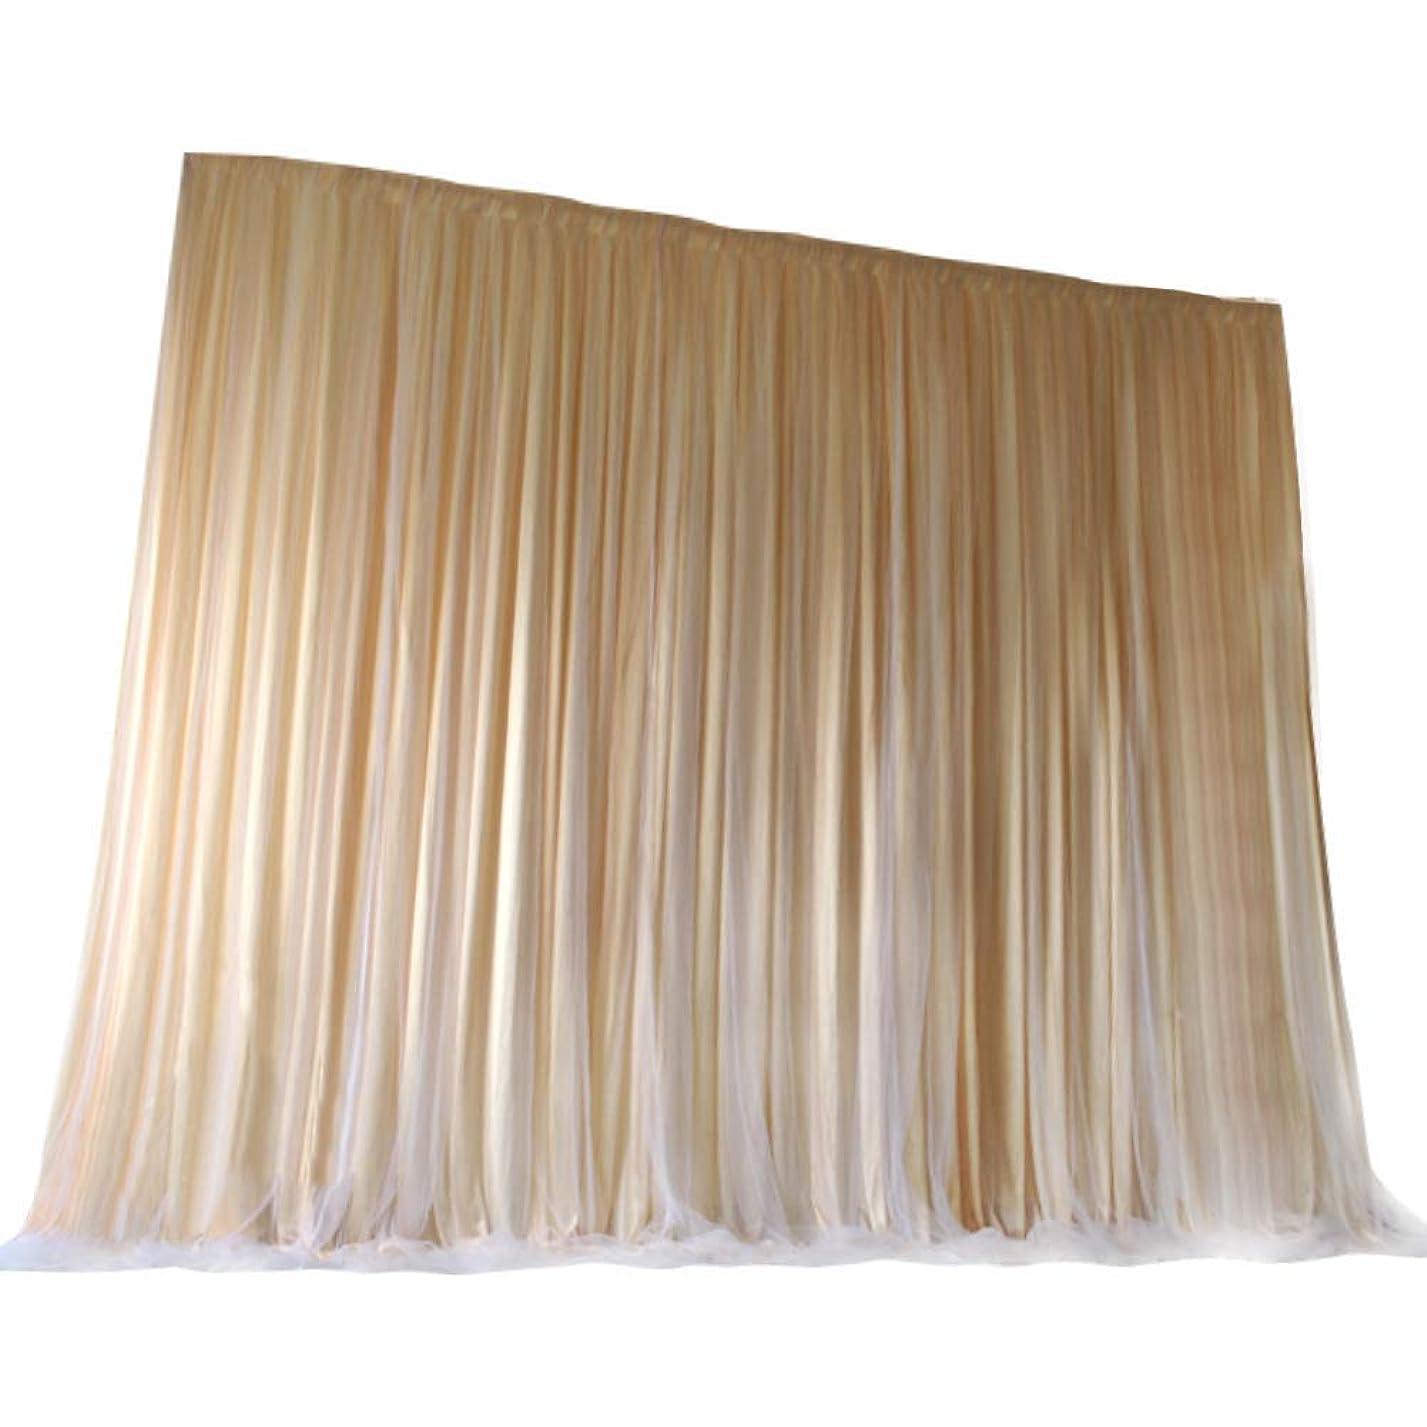 フォーマル暫定のソーシャルチャミ カーテン バックグラウンド 写真 撮影用背景布 撮影用 背景布 フォトブース 垂れ幕 イベント パーティー(シャンパン 3m*3m)